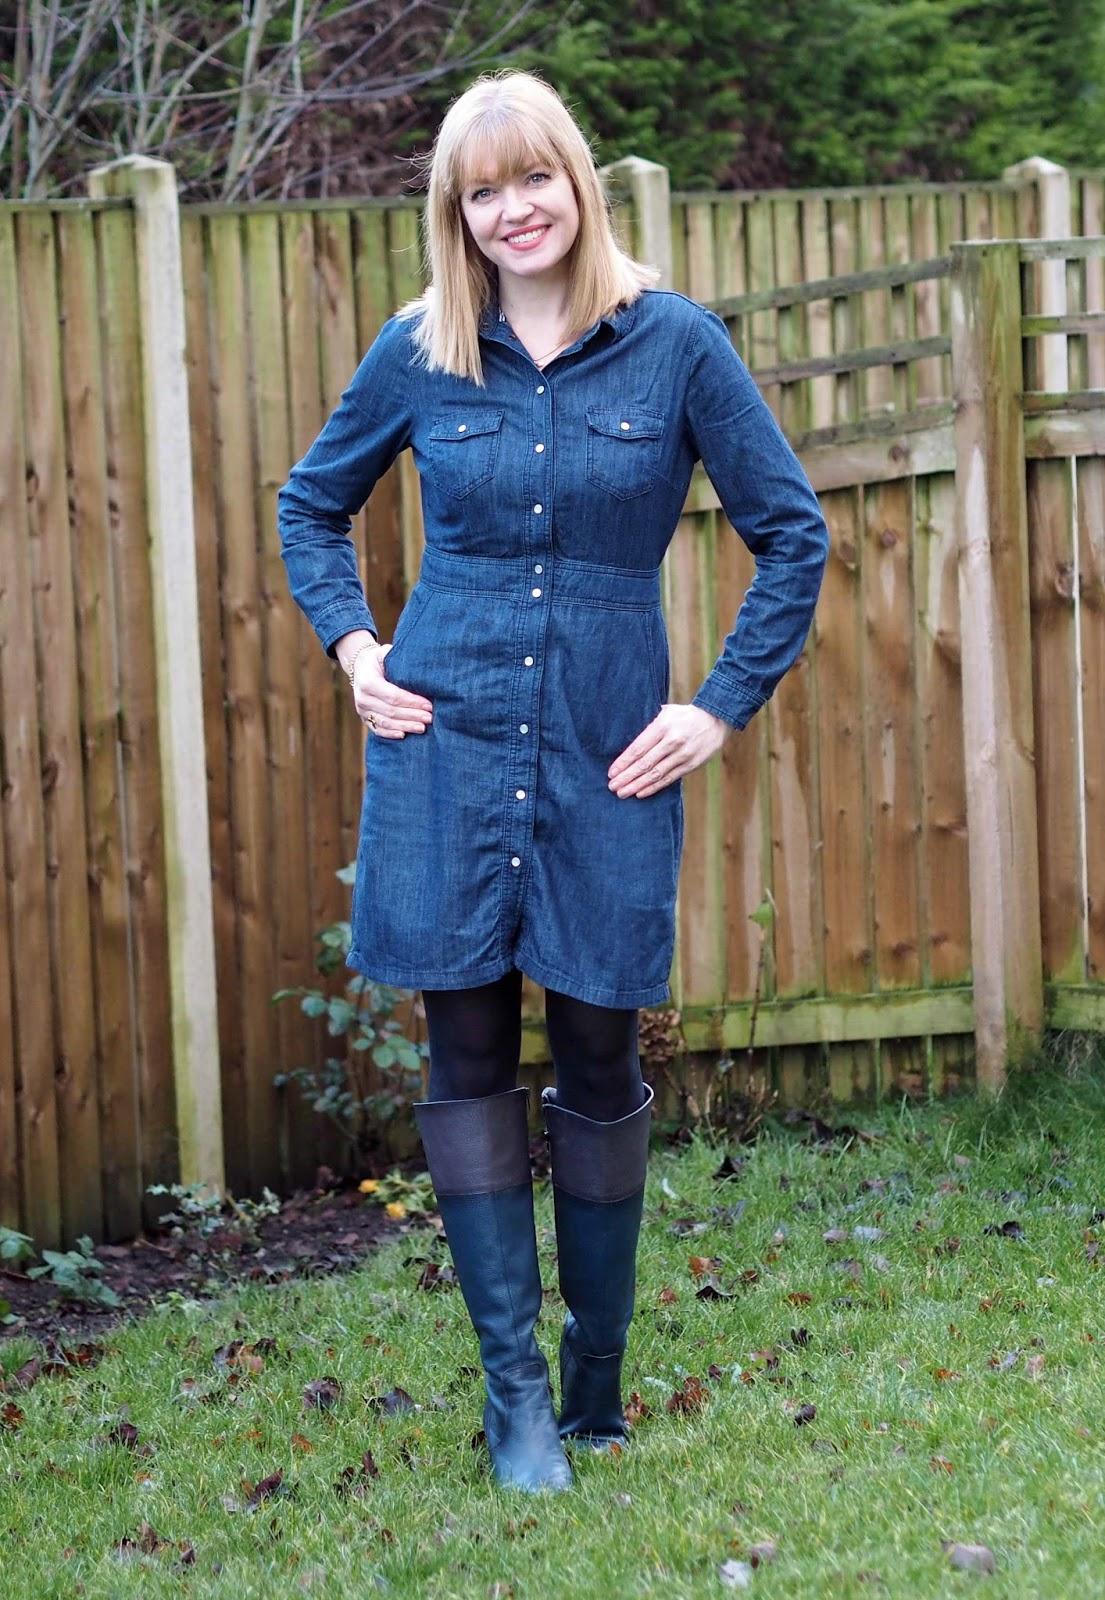 Boden denim shirt dress with knee-high boots